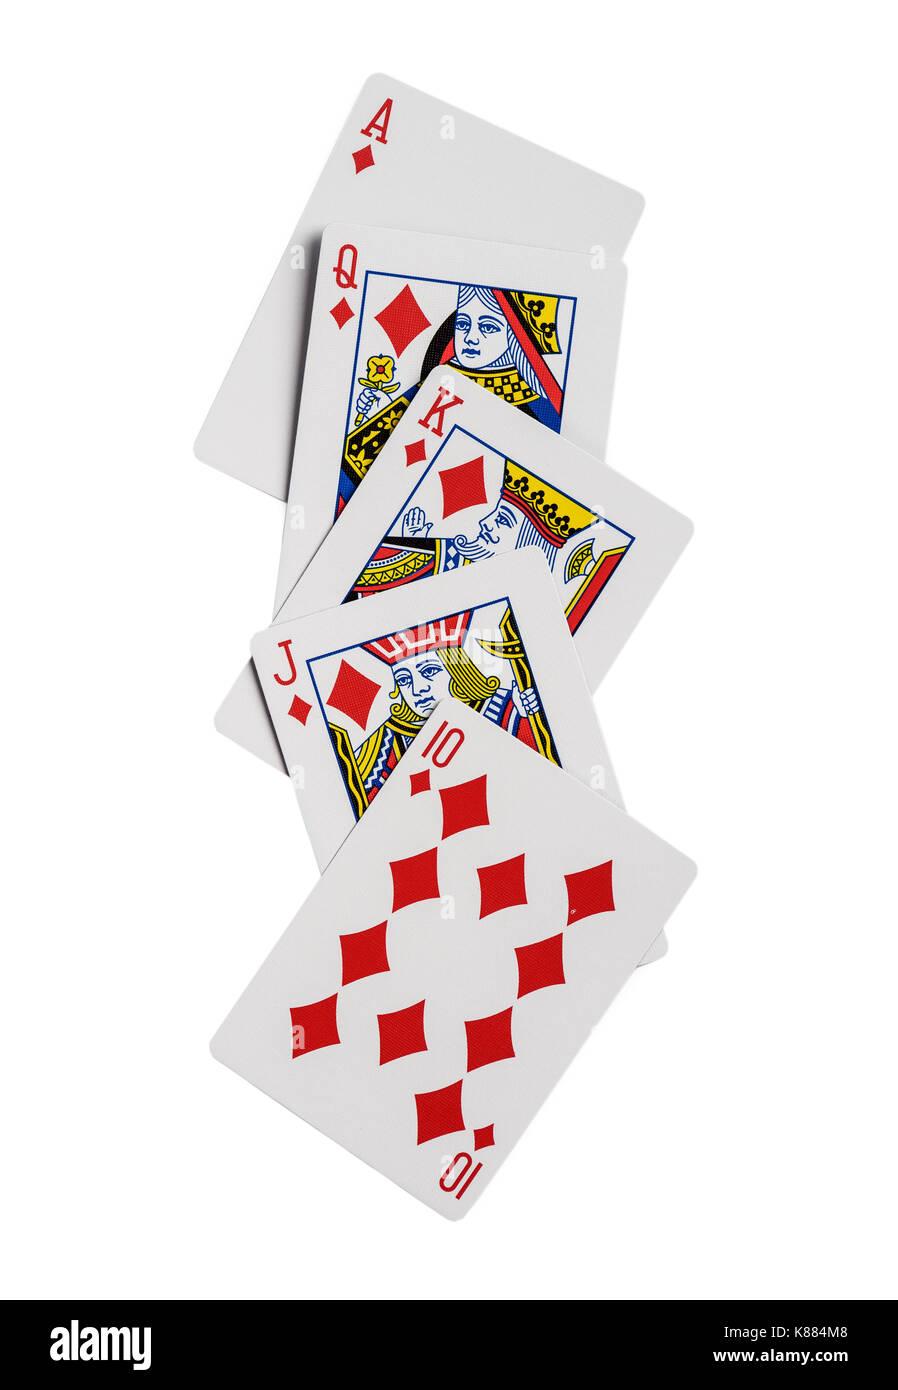 Combinación de cartas de juego de casino poker palo Diamantes. aislado sobre fondo blanco. Imagen De Stock